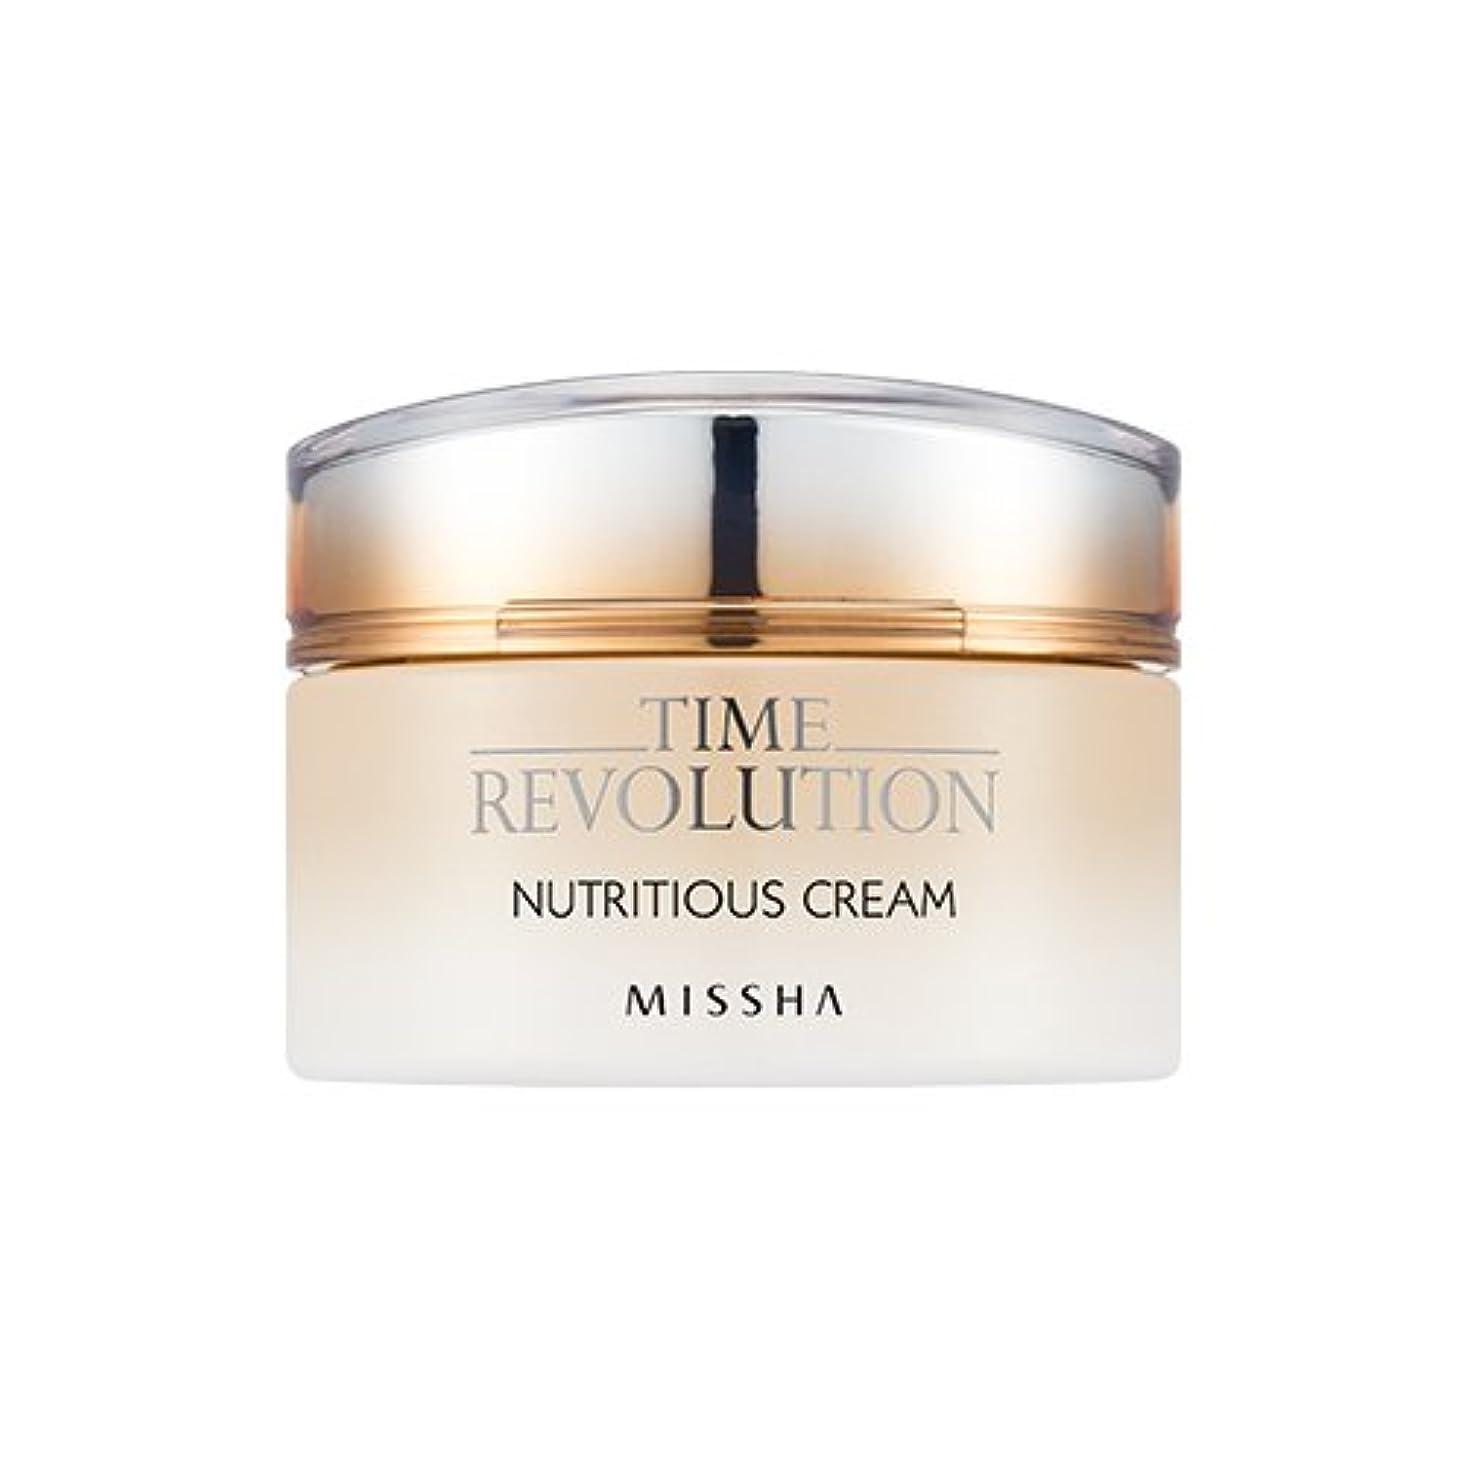 軍不誠実勃起[New] MISSHA Time Revolution Nutritious Cream 50ml/ミシャ タイム レボリューション ニュートリシャス クリーム 50ml [並行輸入品]